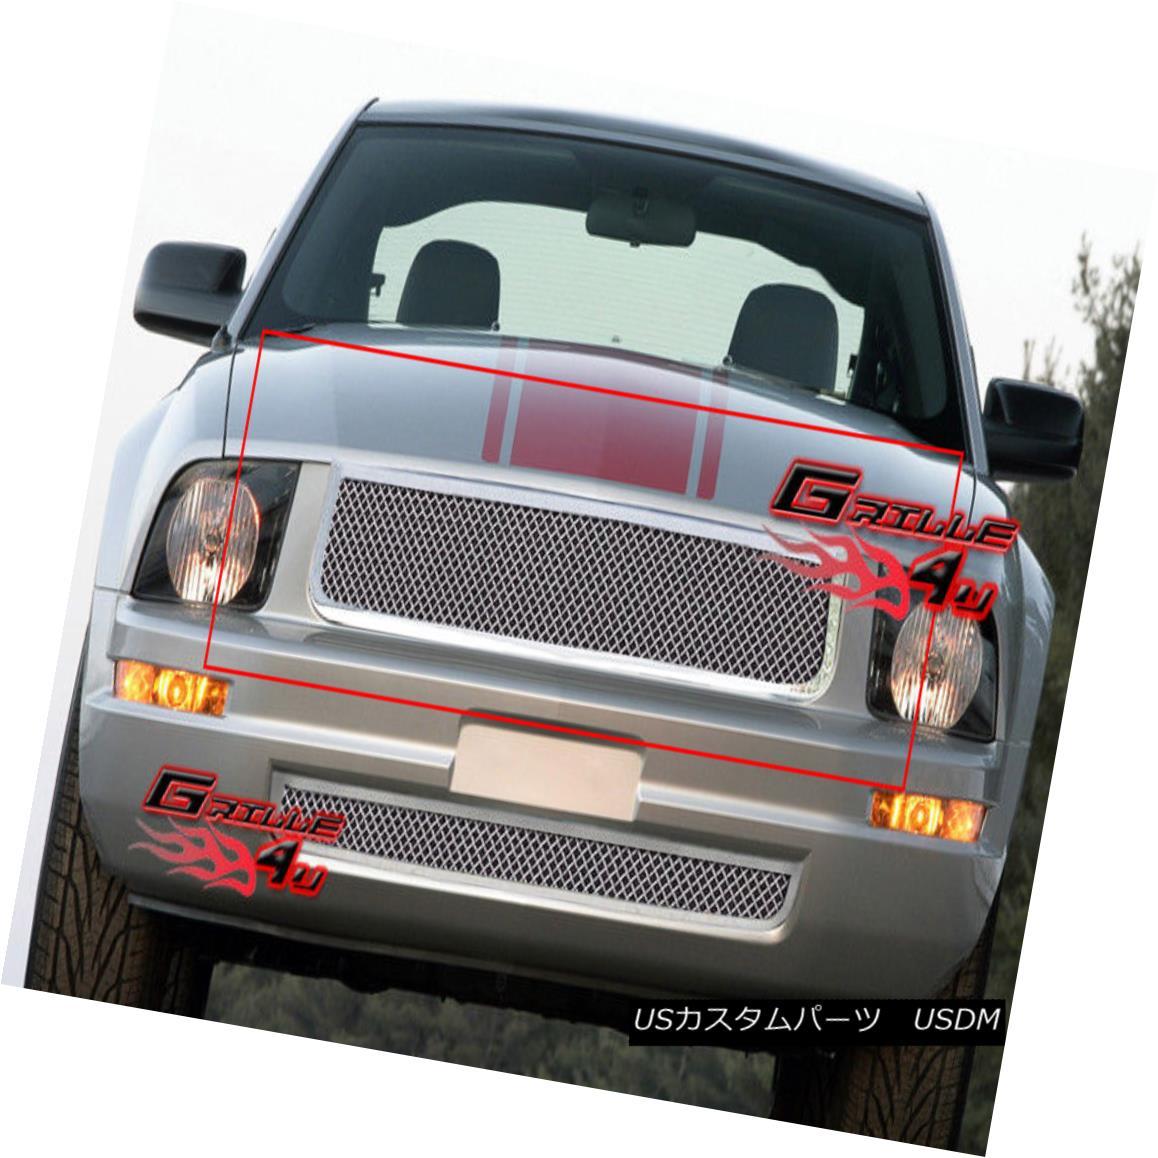 グリル For 05-09 Ford Mustang V6 Stainless Steel Mesh Grille 05-09 Ford Mustang V6ステンレスメッシュグリル